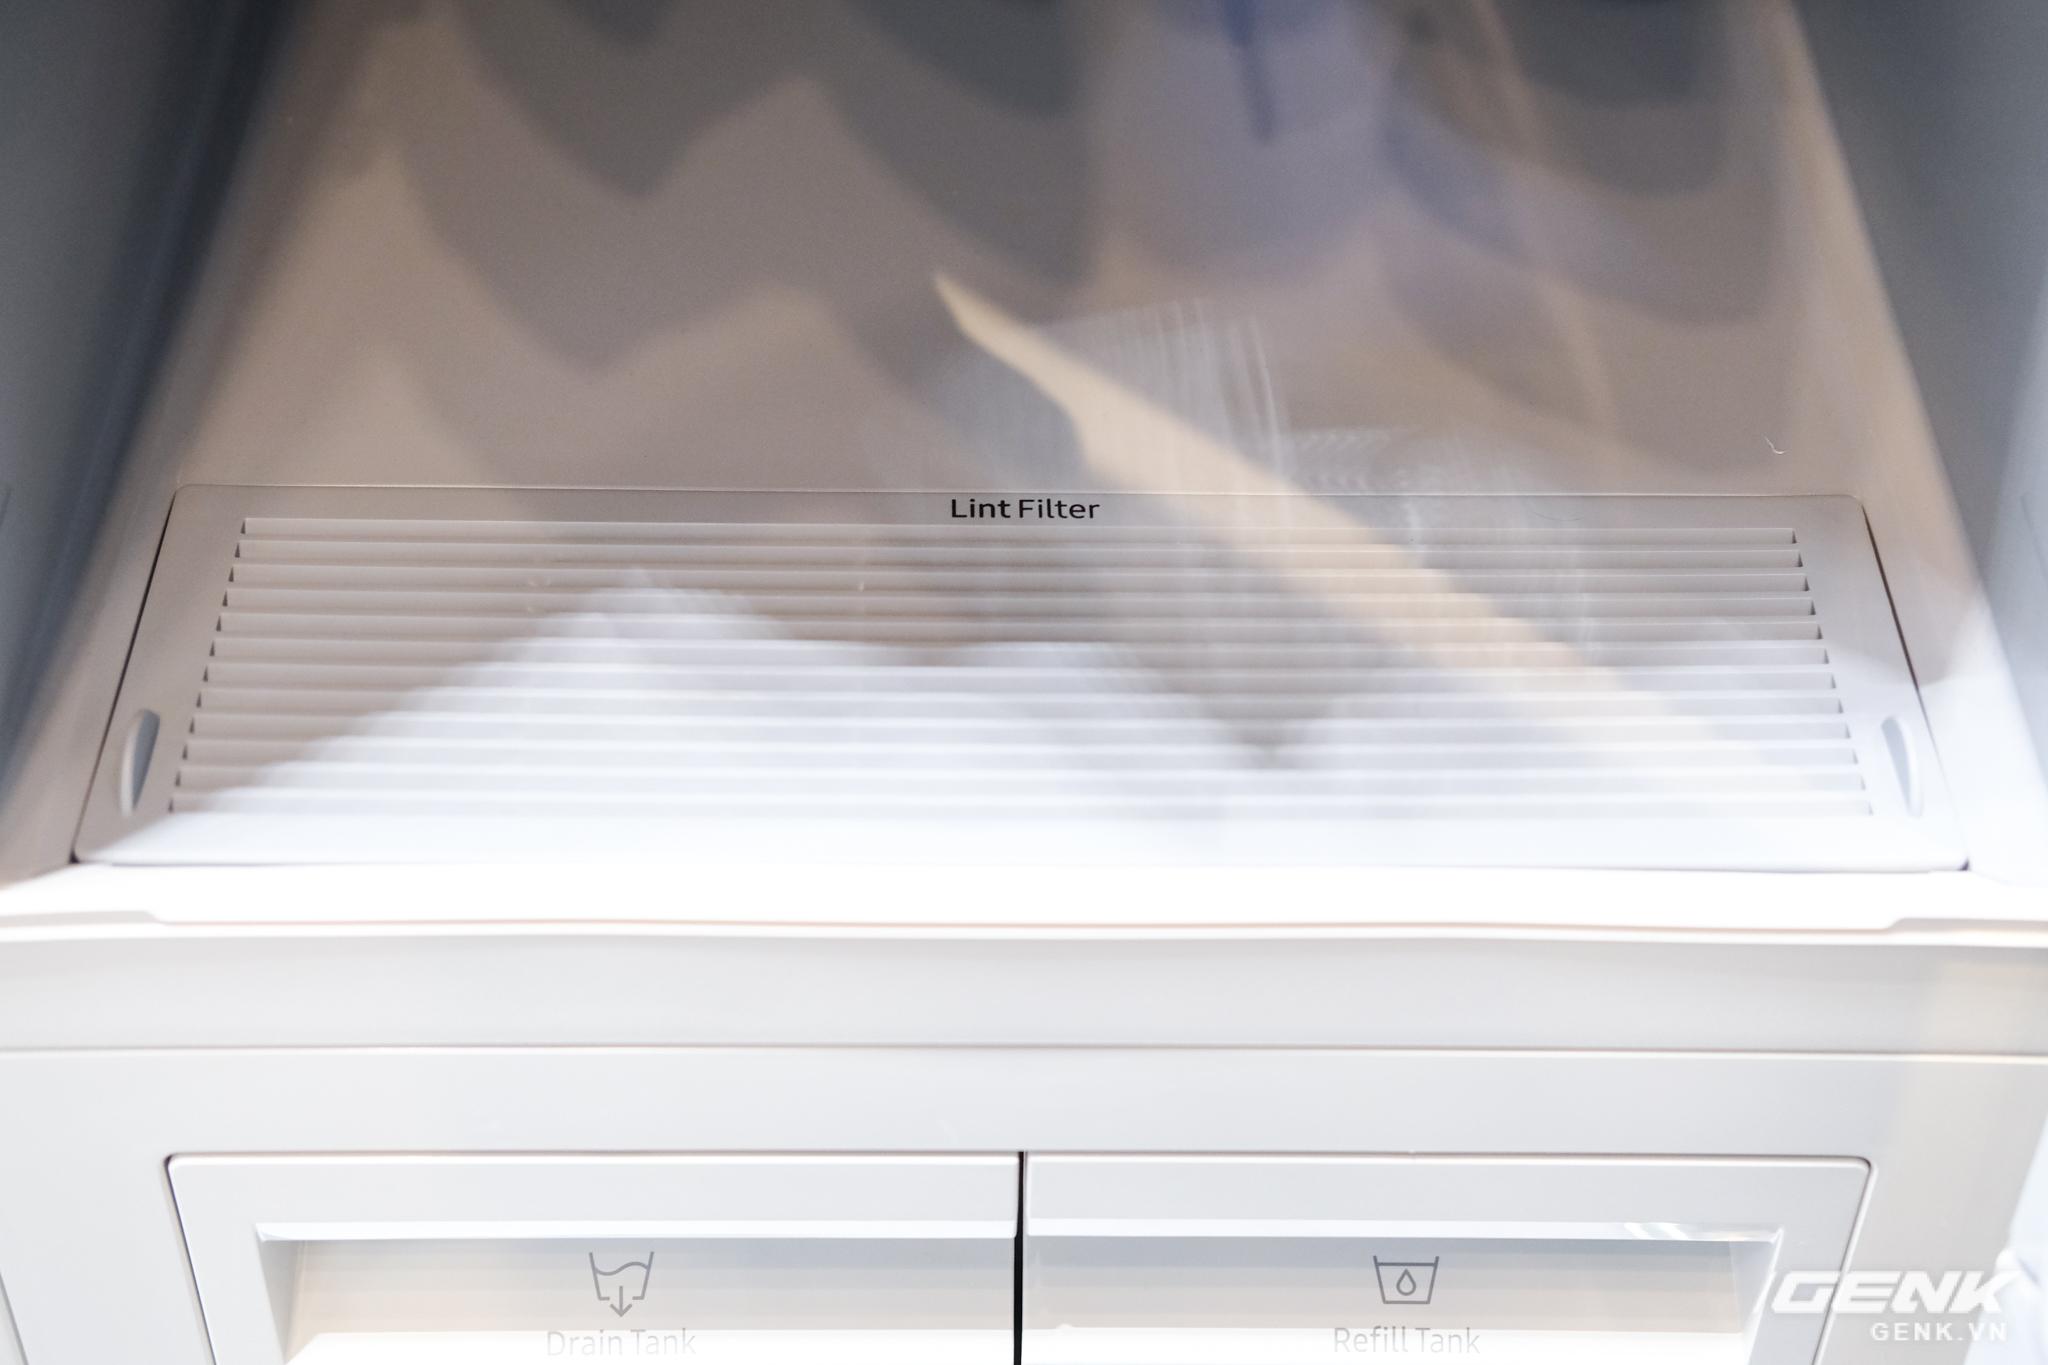 Nhìn cứ ngỡ đây là tủ treo quần áo thông thường, nhưng hóa ra nó lại là thiết bị chăm sóc quần áo chuẩn spa hiện đại - Ảnh 6.